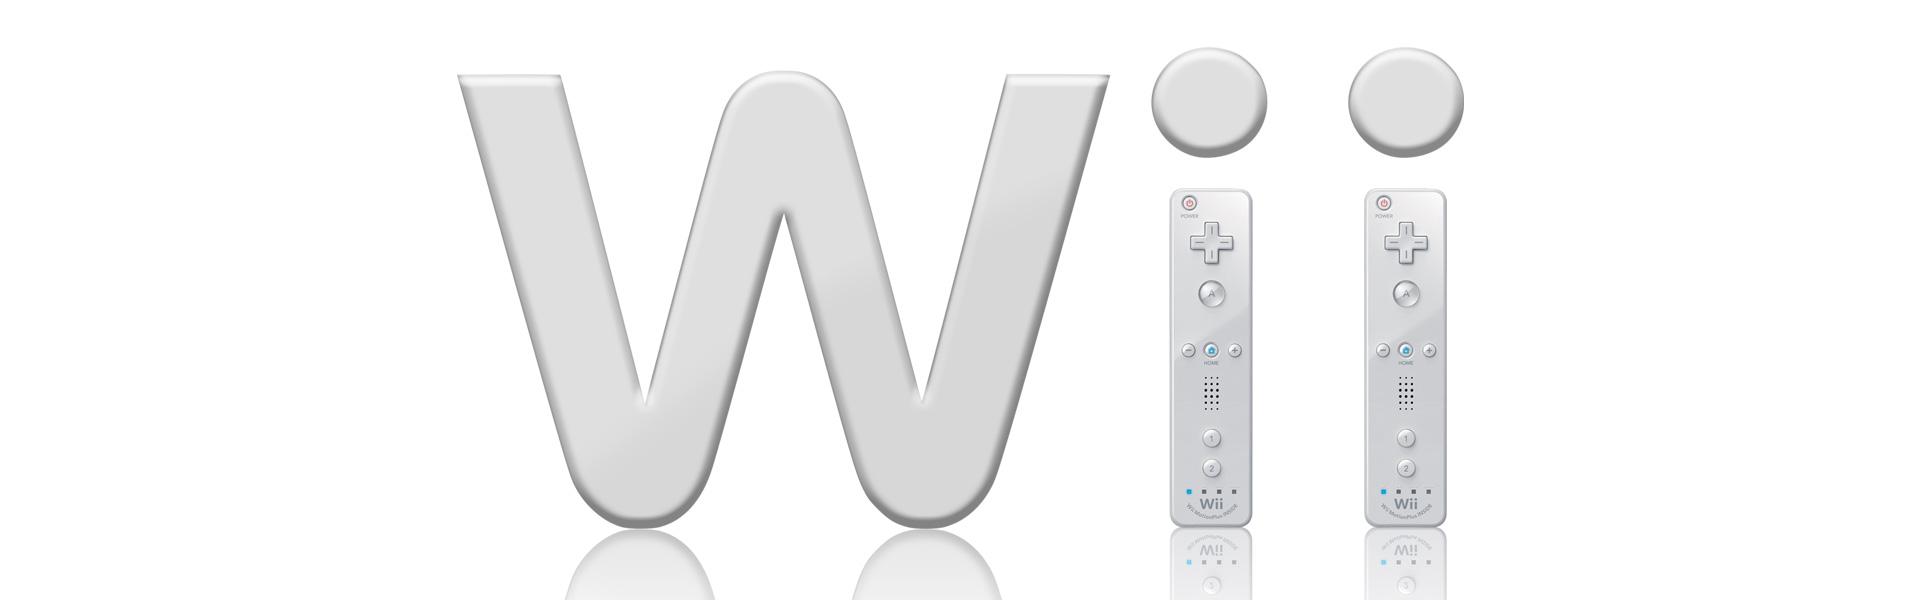 MPU_Ep_41_Nintendo_Wii_1920x600